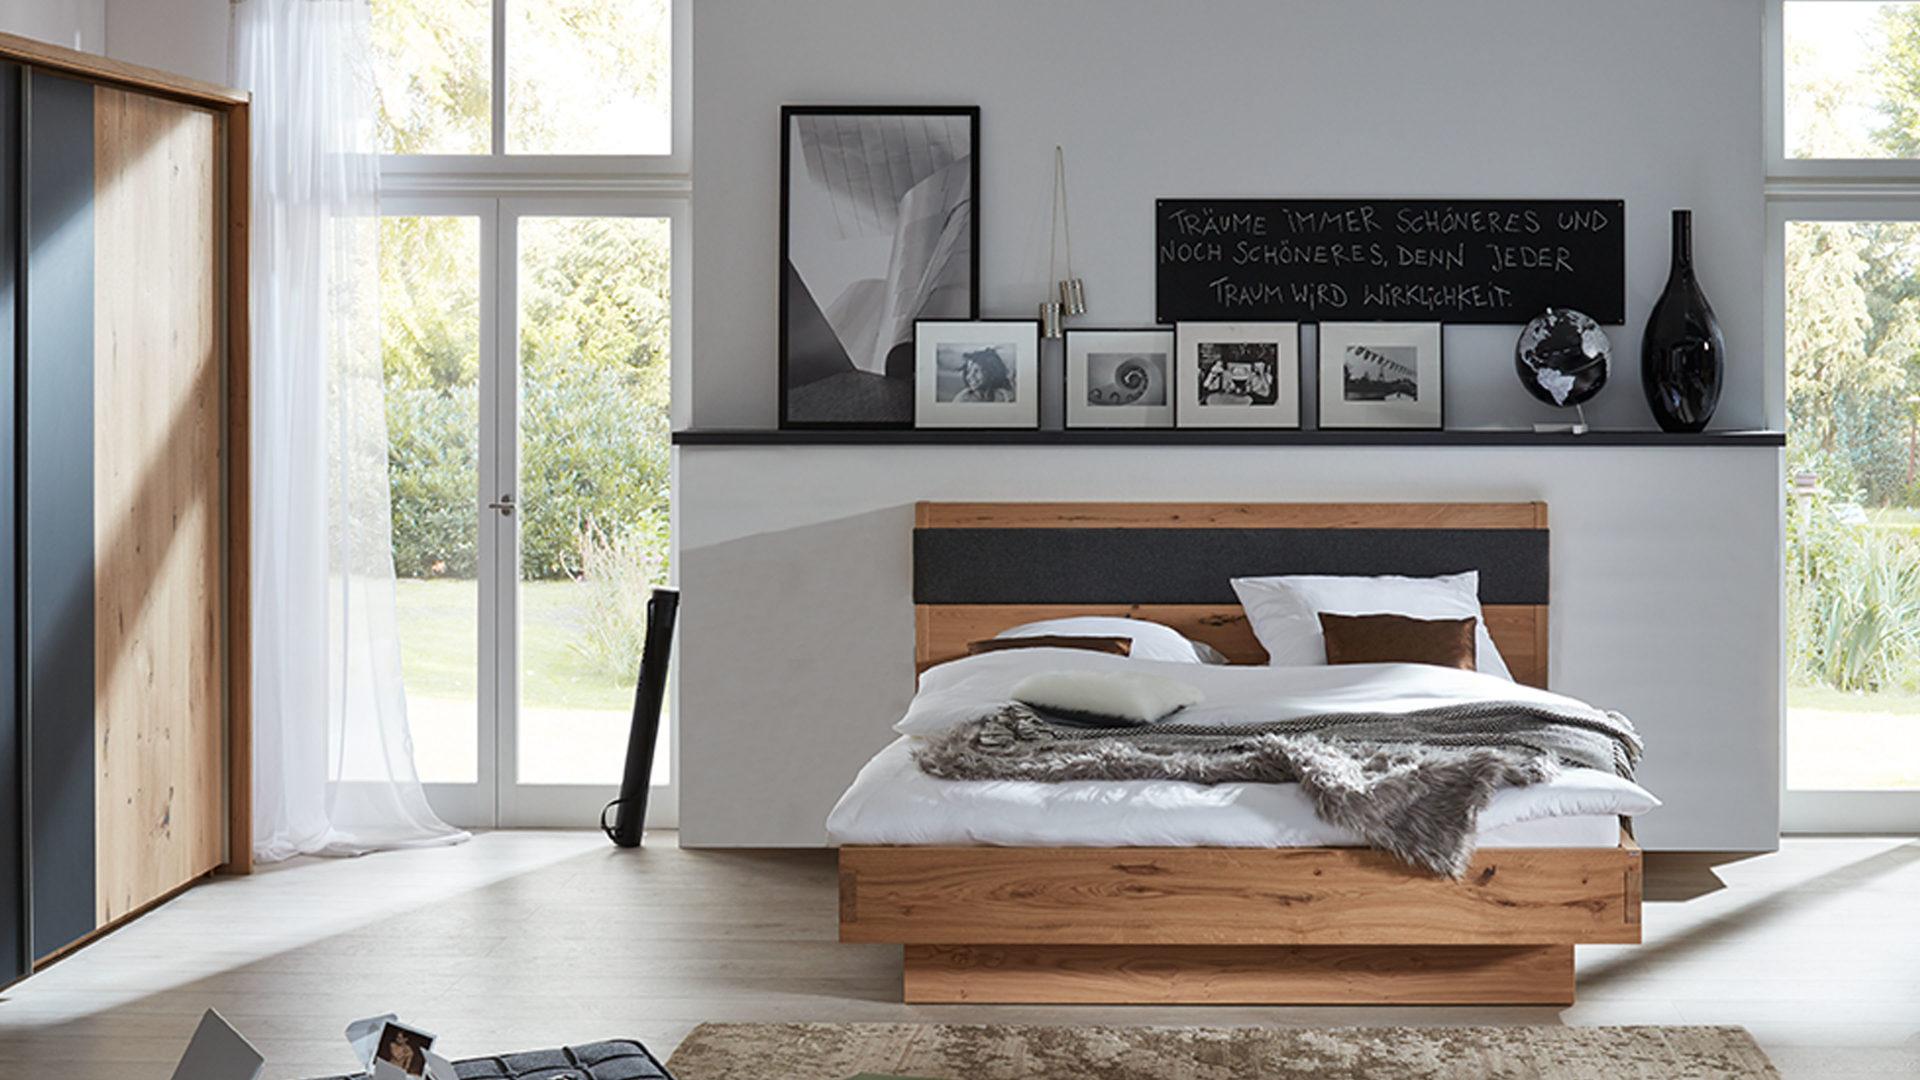 Interliving Schlafzimmer Serie 1004 – Bettgestell, Alteiche Rustiko,  Anthrazit & Basaltgrau – Liegefläche ca. 180 x 200 cm